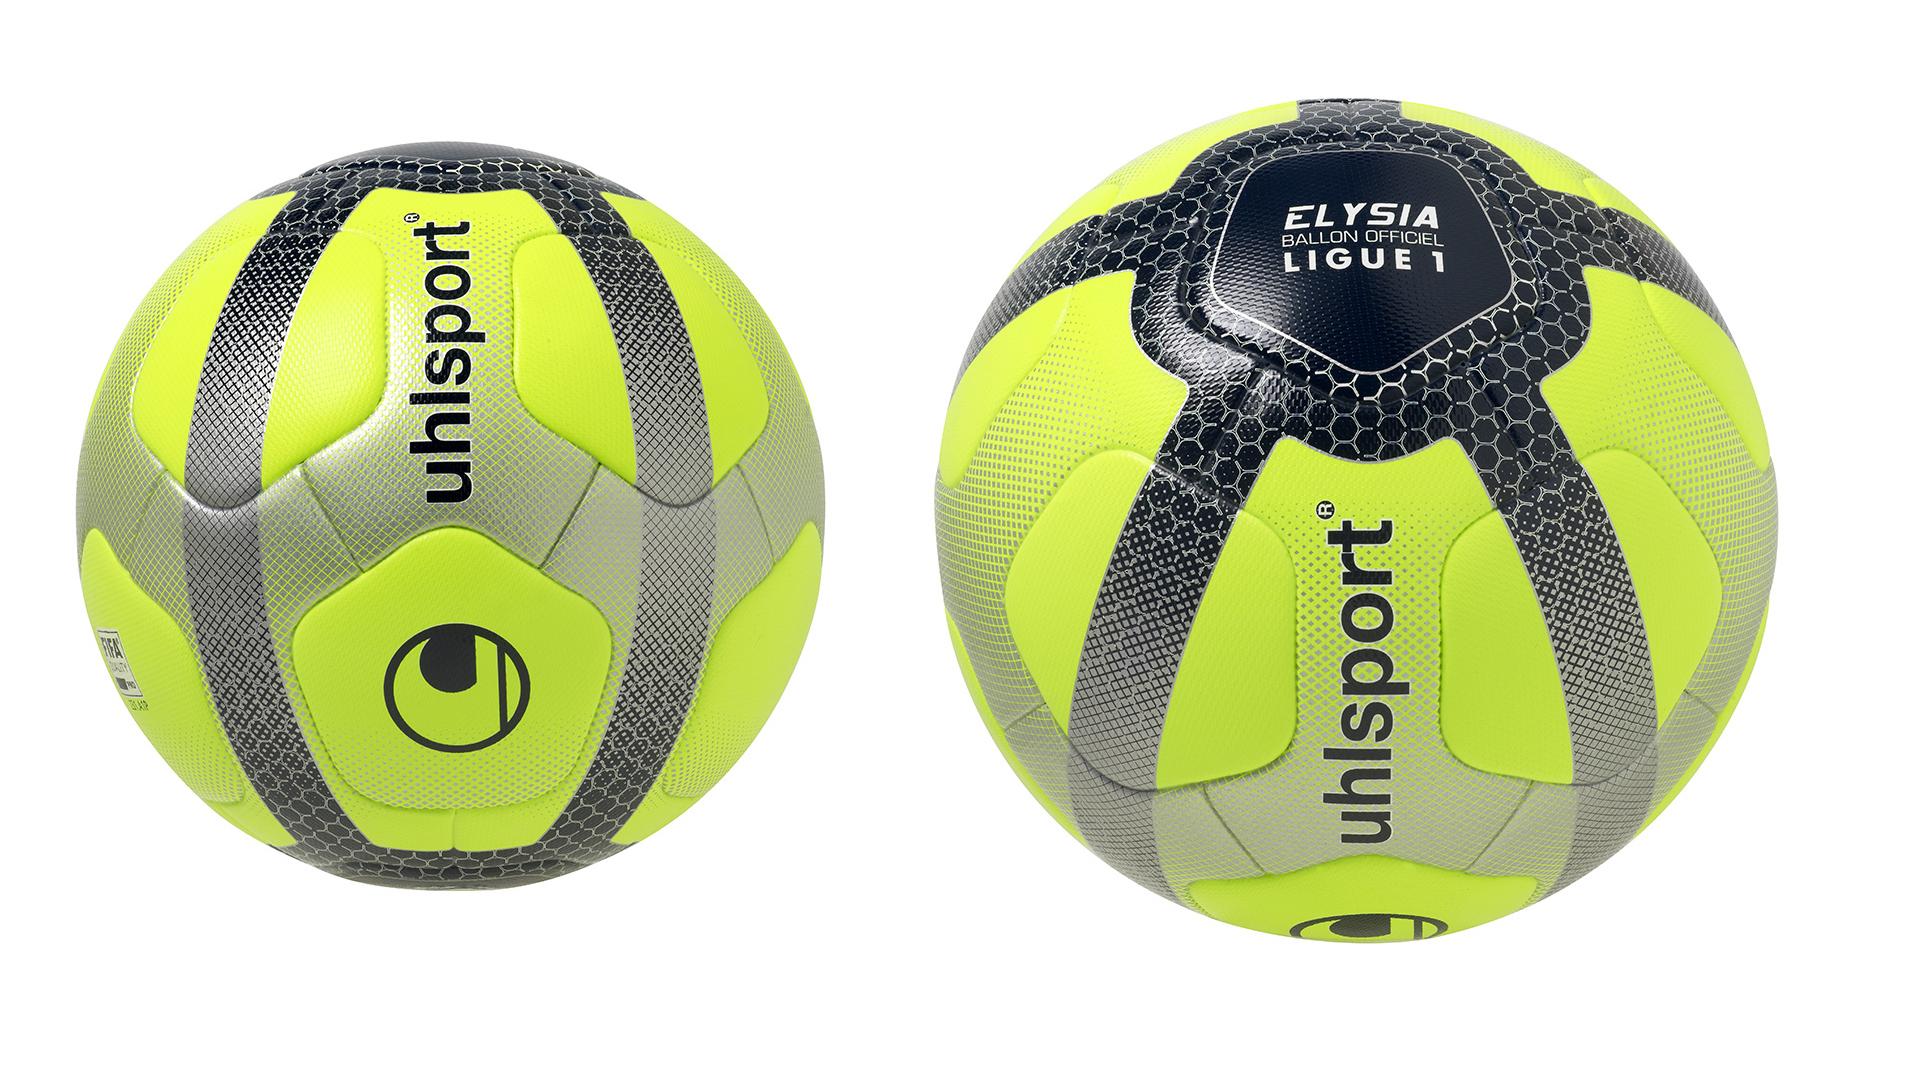 uhlsport d voile le ballon pour la seconde partie de la saison de ligue 1 conforama. Black Bedroom Furniture Sets. Home Design Ideas